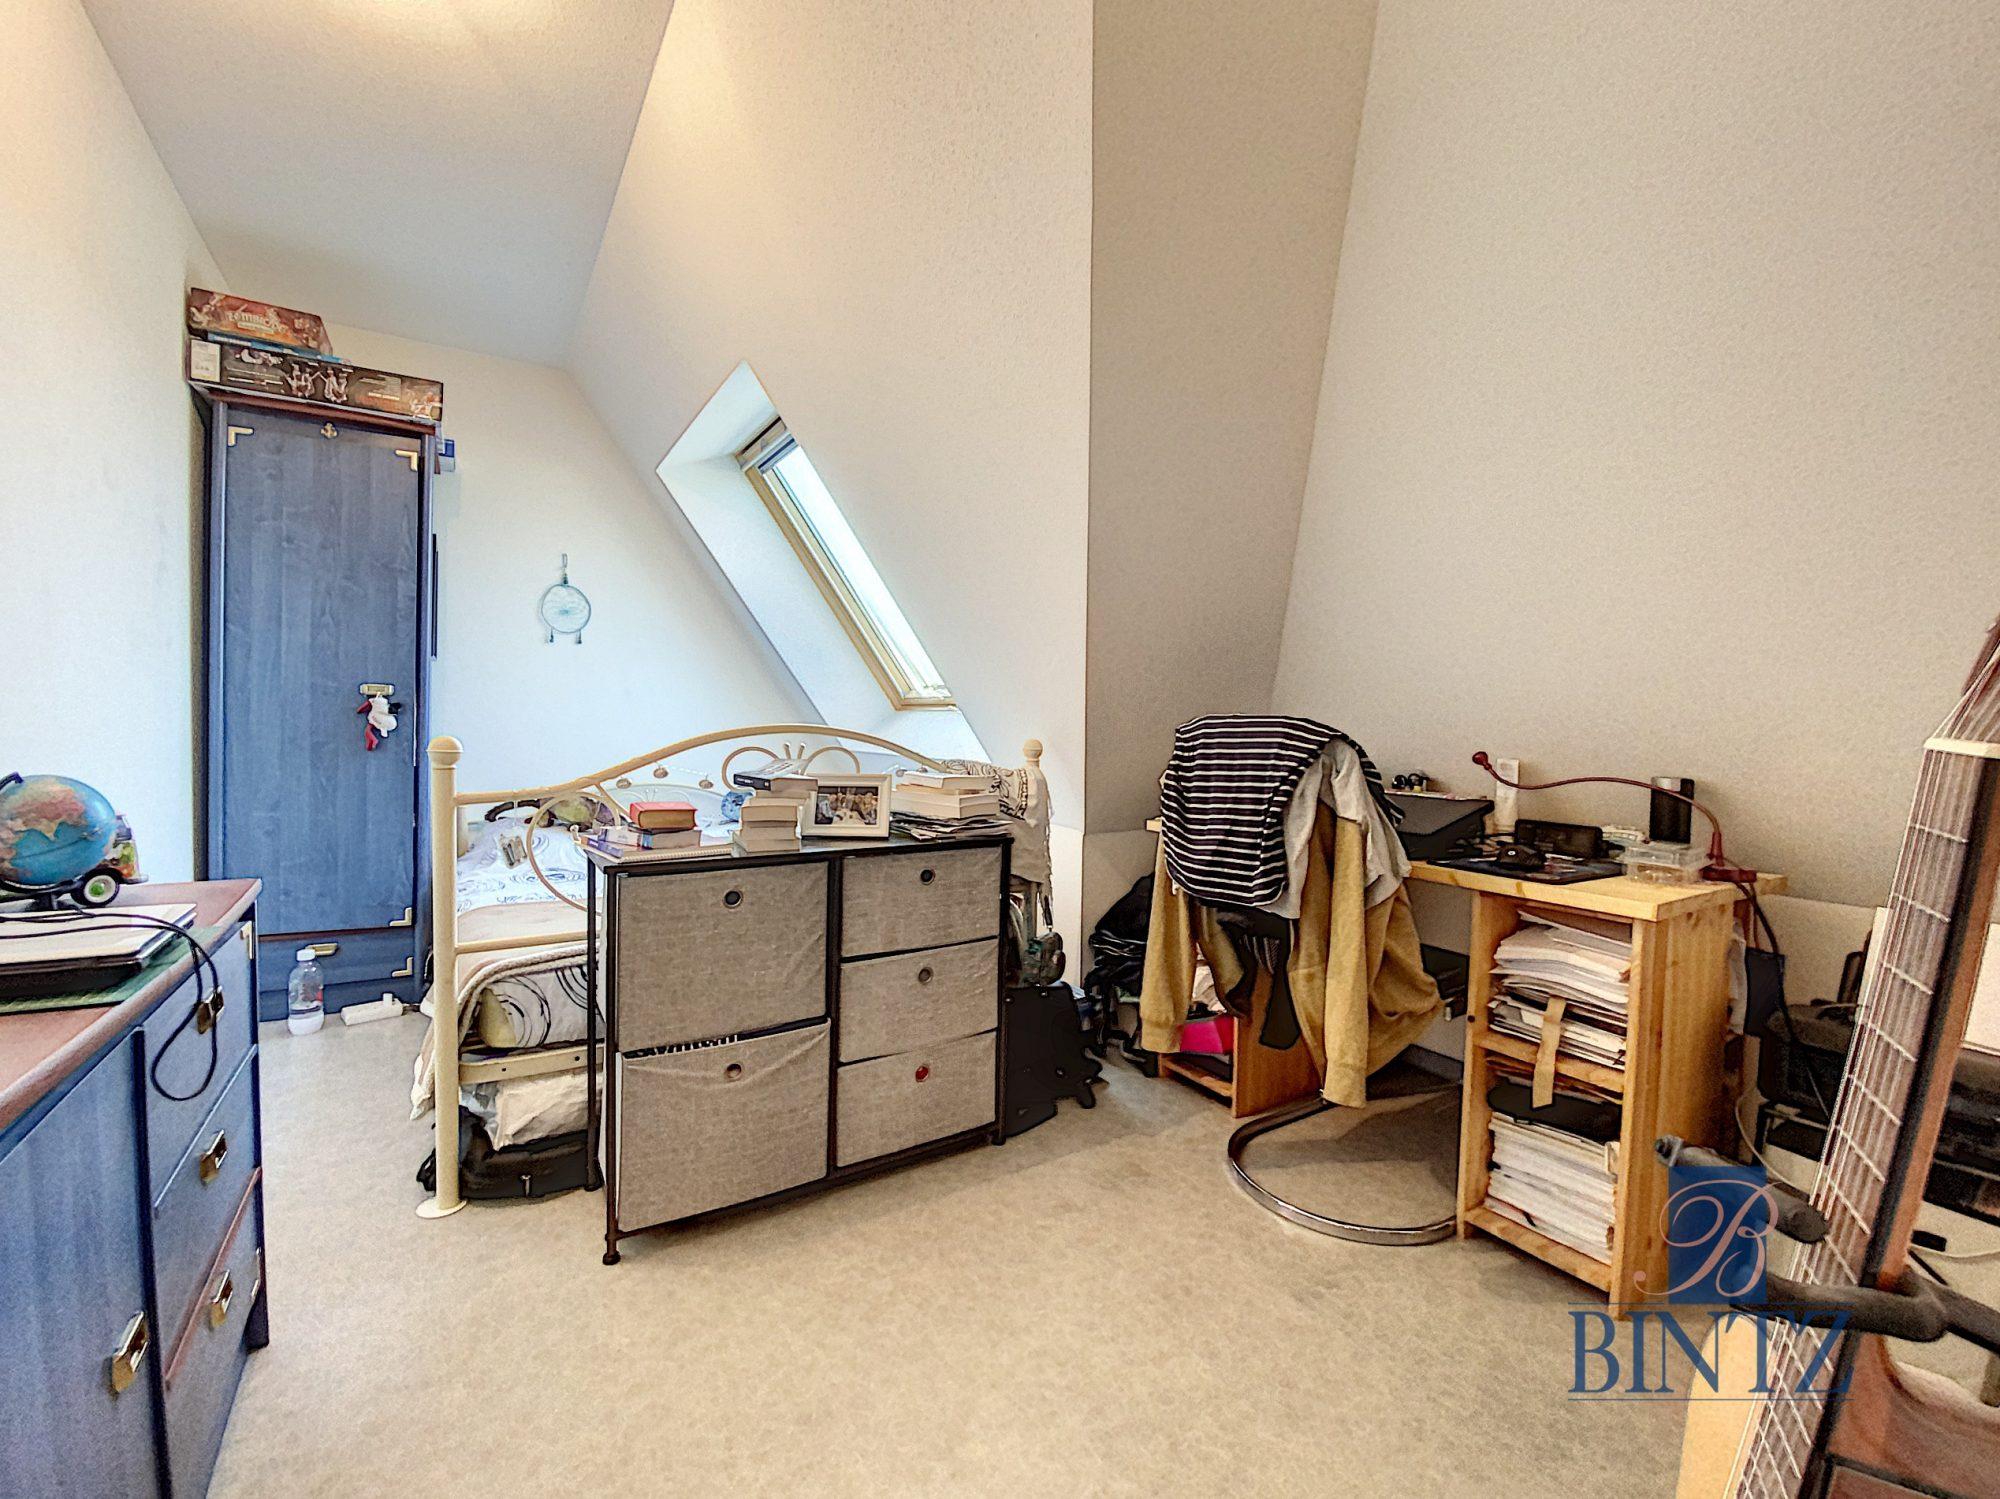 2 PIÈCES AVEC PARKING SCHILTIGHEIM - Devenez propriétaire en toute confiance - Bintz Immobilier - 10